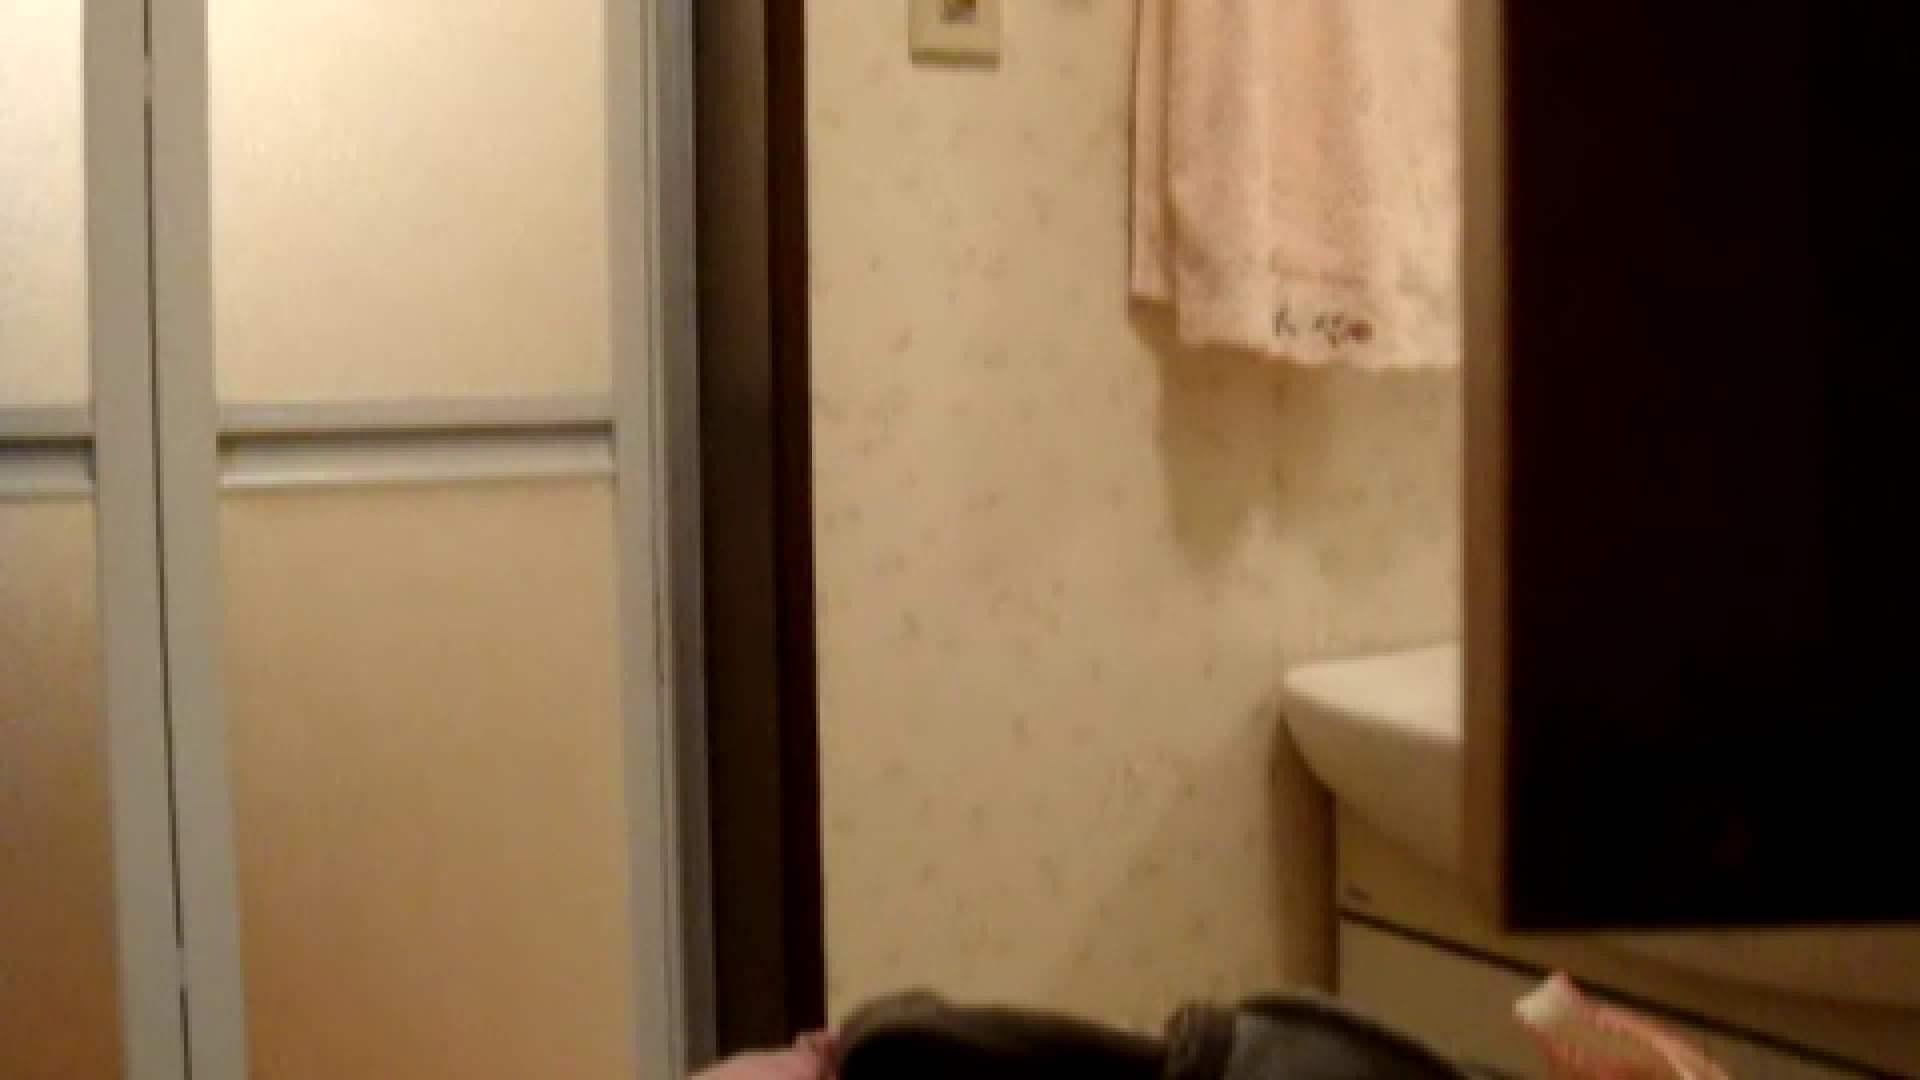 無修正エロ動画|vol.8 まどかの入浴、完全にバレたと思いました。|怪盗ジョーカー